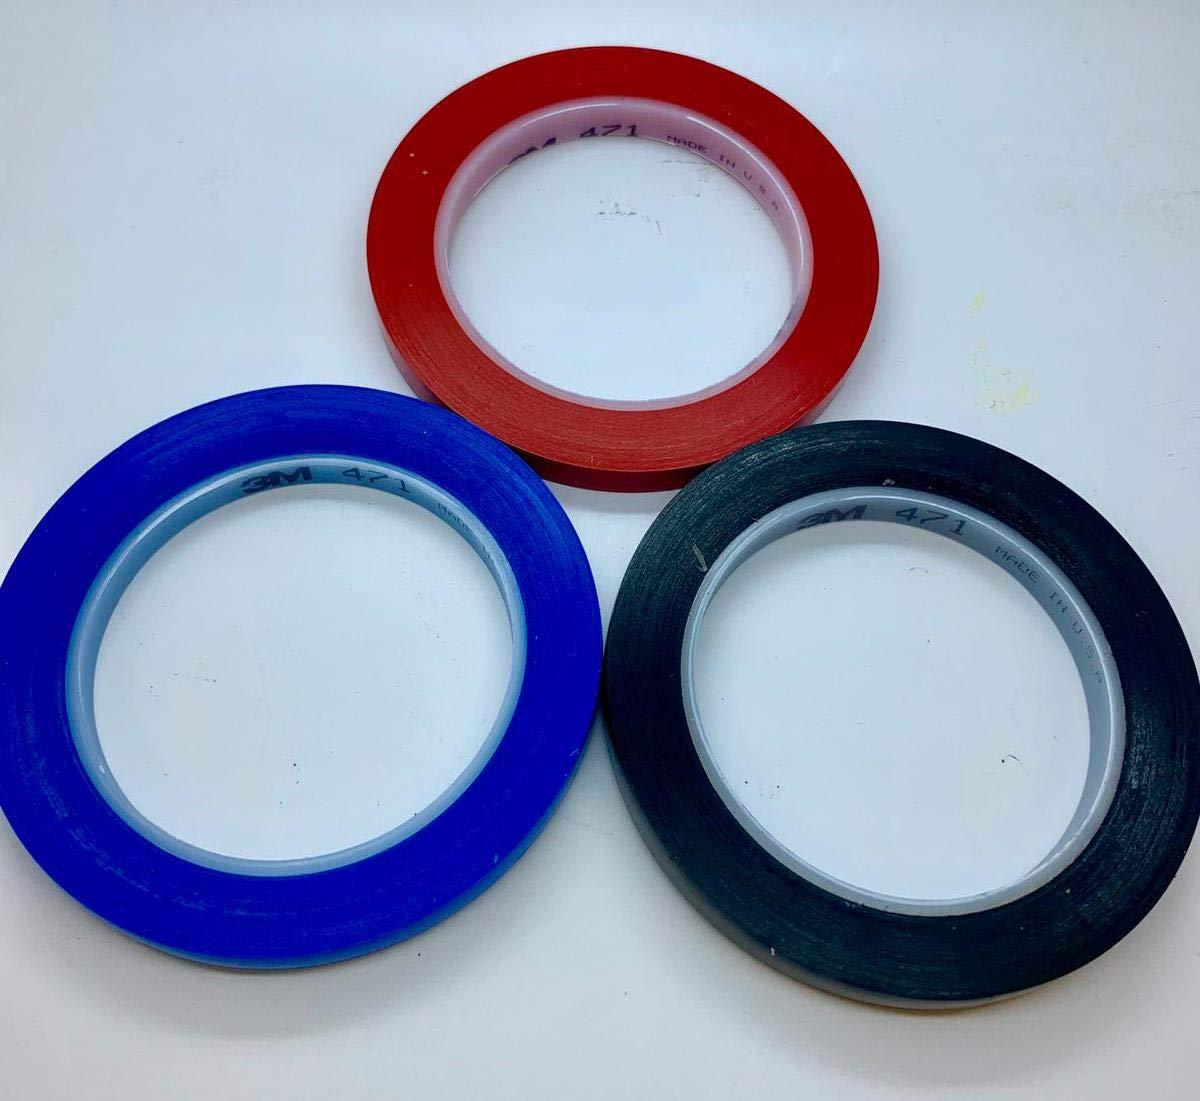 Masquer Automobile 3mm Rouge+6mm Noir+8mm Bleu Ligne Fine 3M Ruban Adh/ésif de Masquage pour Peinture de Voiture